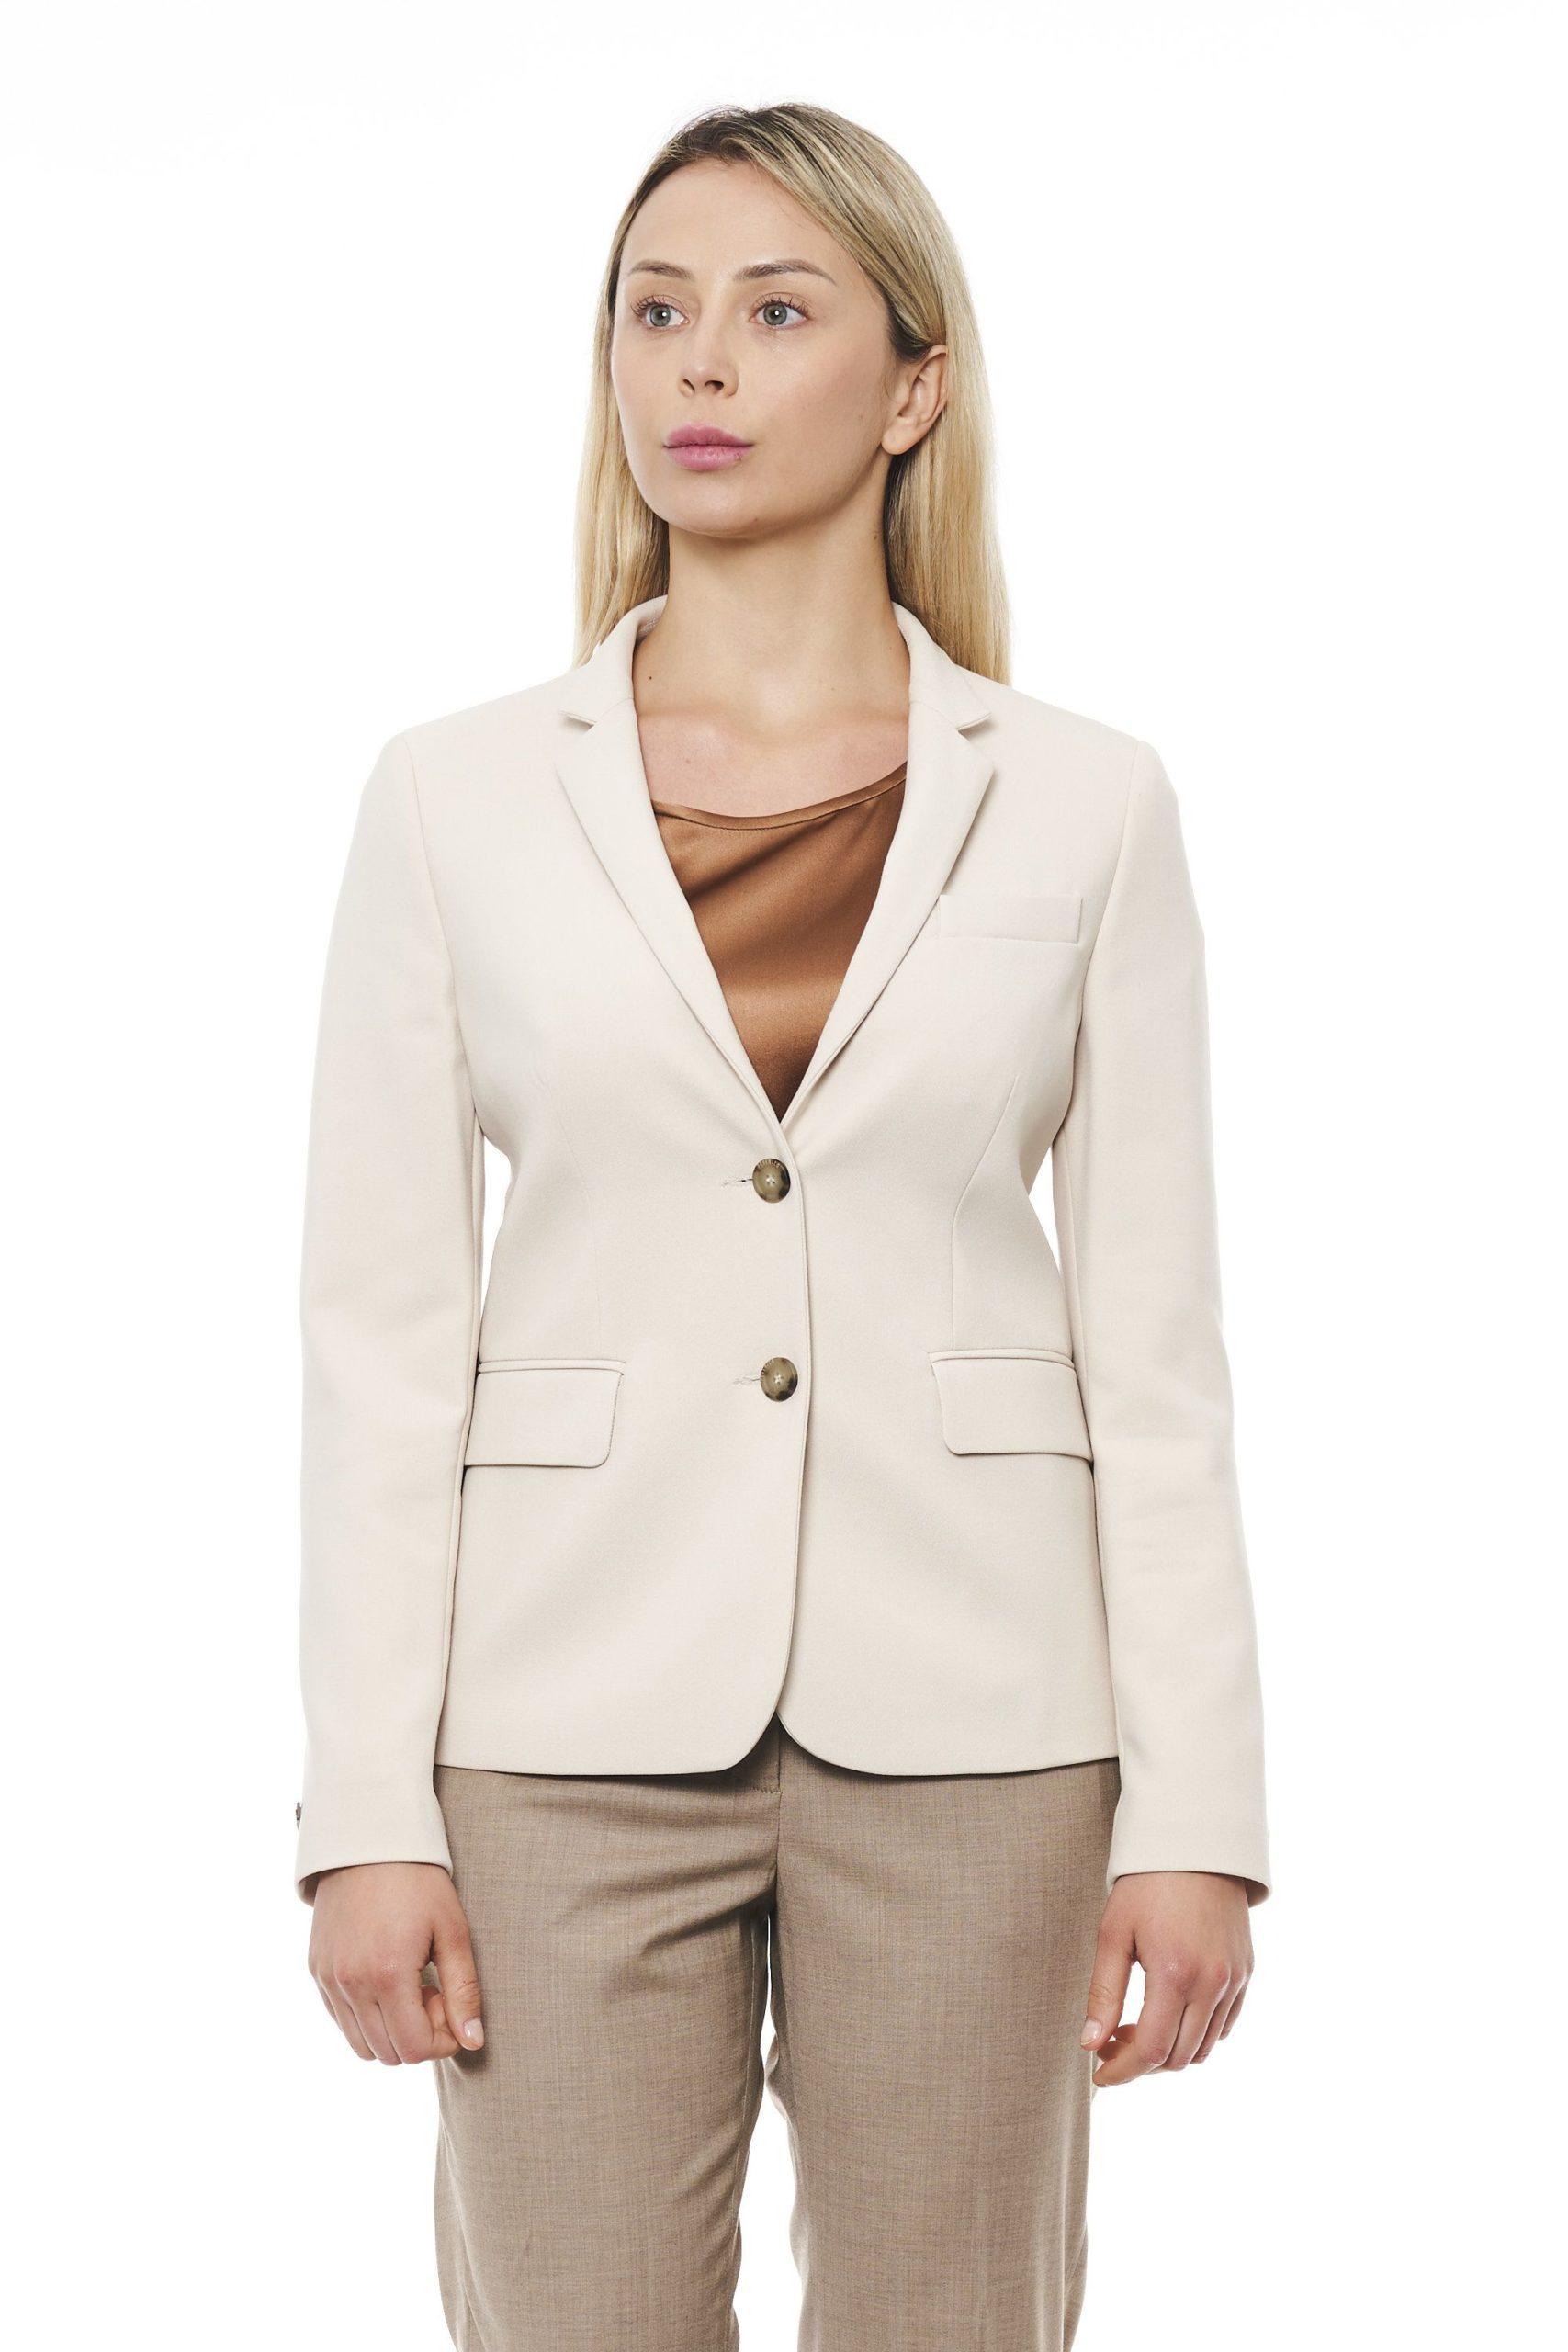 Peserico Women's Jacket Beige PE1426916 - IT42   S